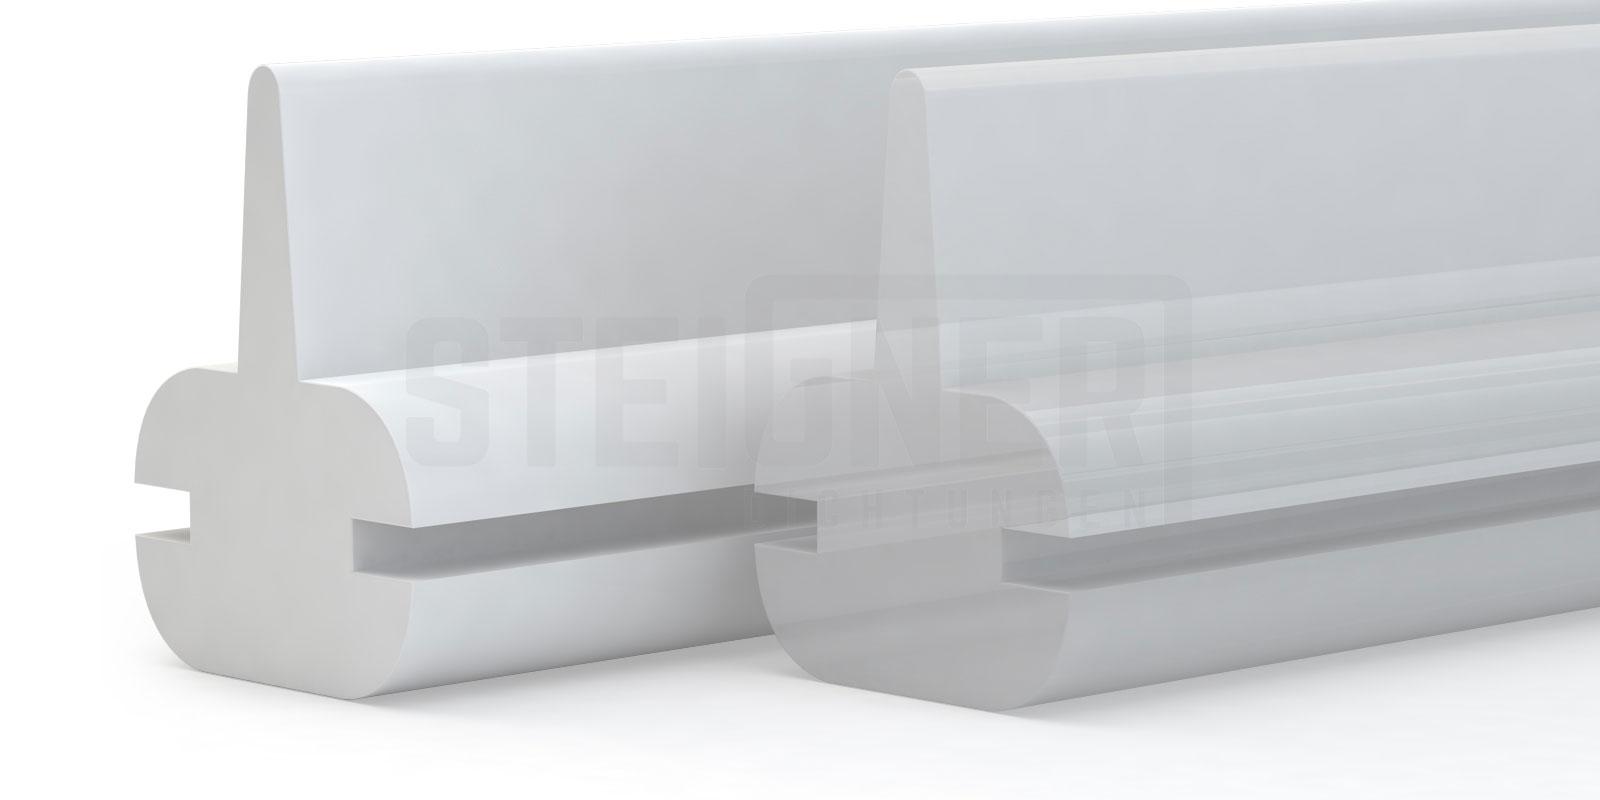 Glas Dusche Richtig Abdichten : Dichtprofil f?r die bestm?gliche Abdichtung Ihrer Badenwannenfalwand